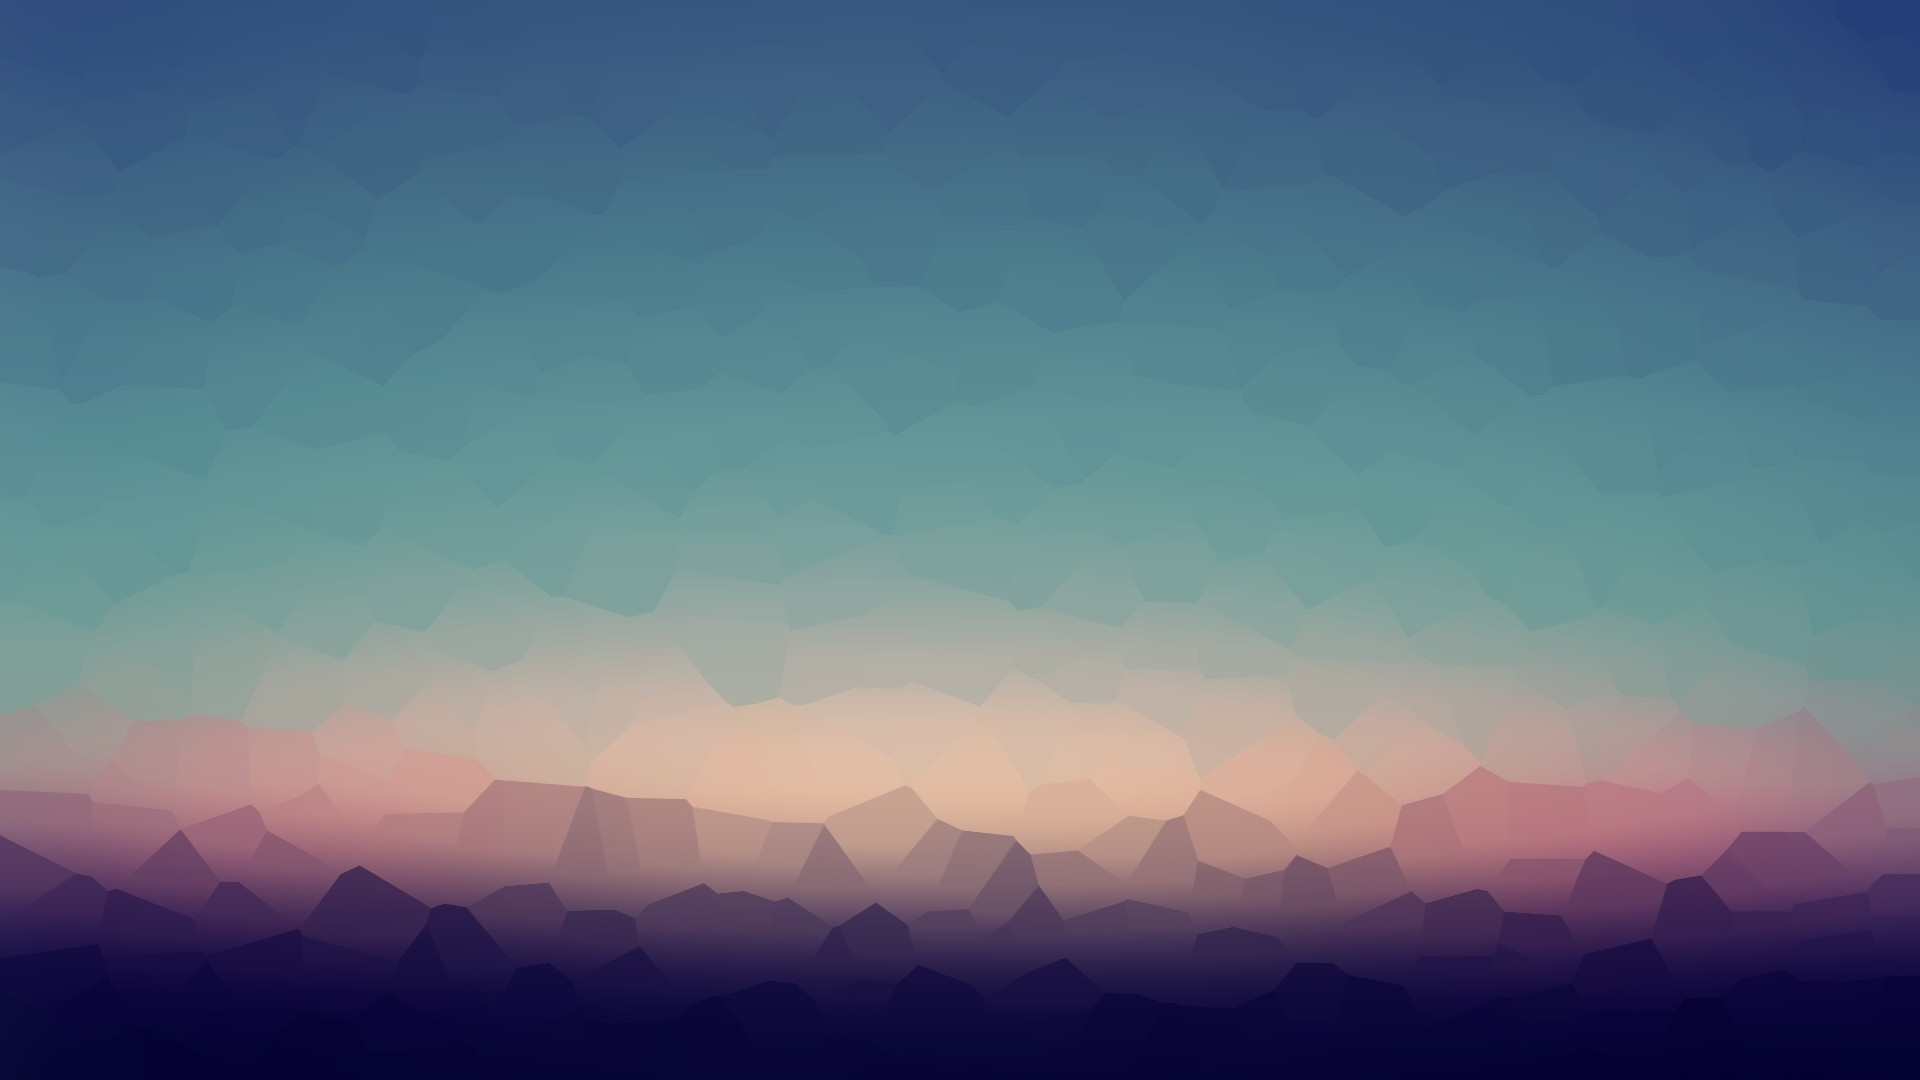 Simple Desktop Wallpapers - WallpaperSafari